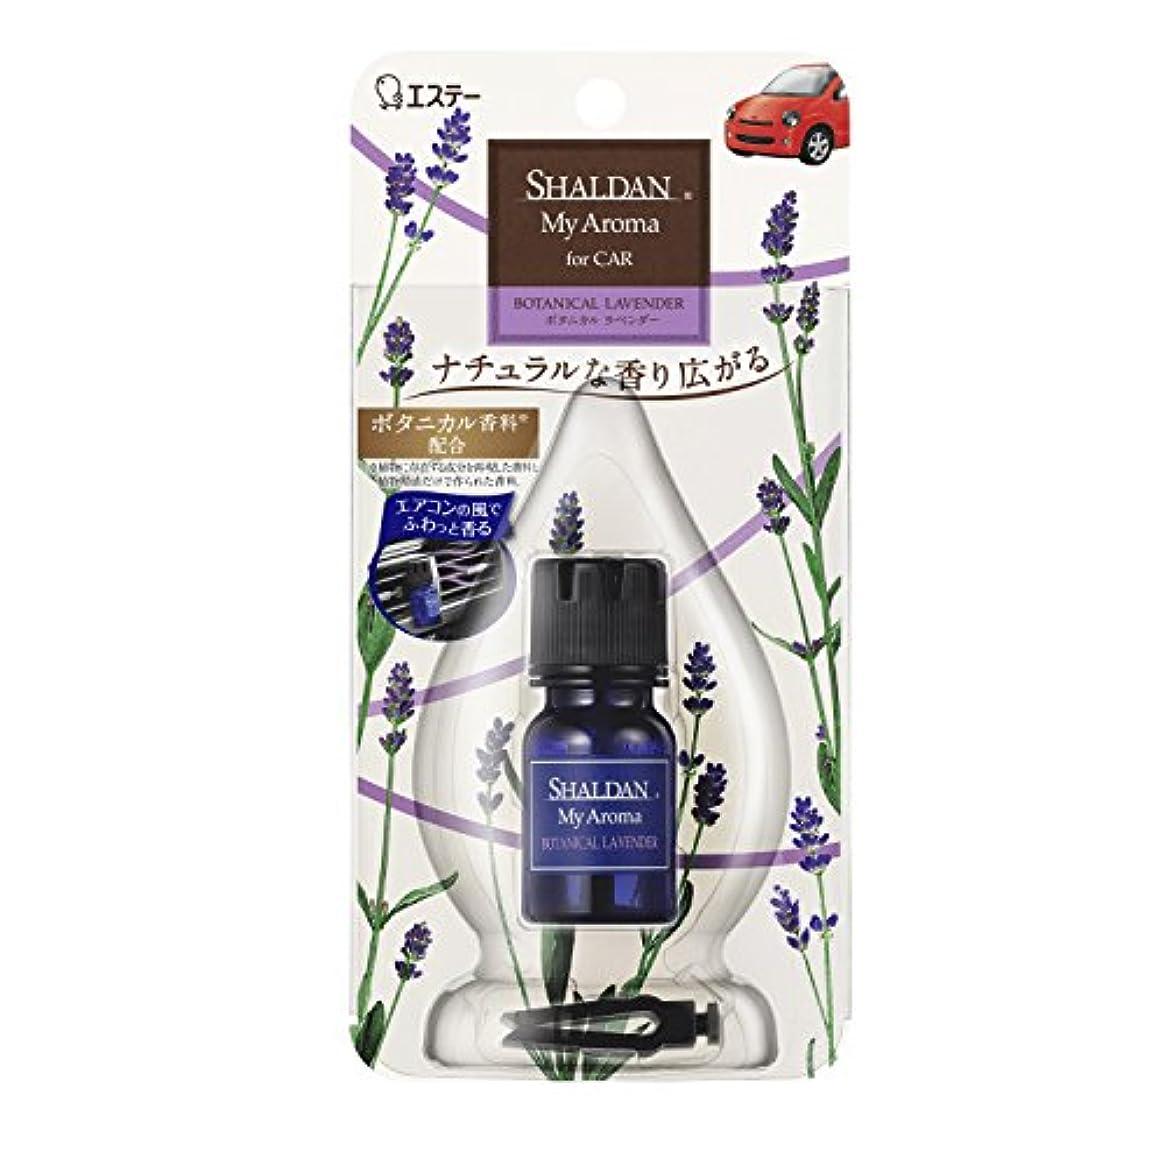 従来の近代化する牧草地シャルダン SHALDAN My Aroma アロマ for CAR 芳香剤 クルマ用 クルマ ボタニカルラベンダー 5ml